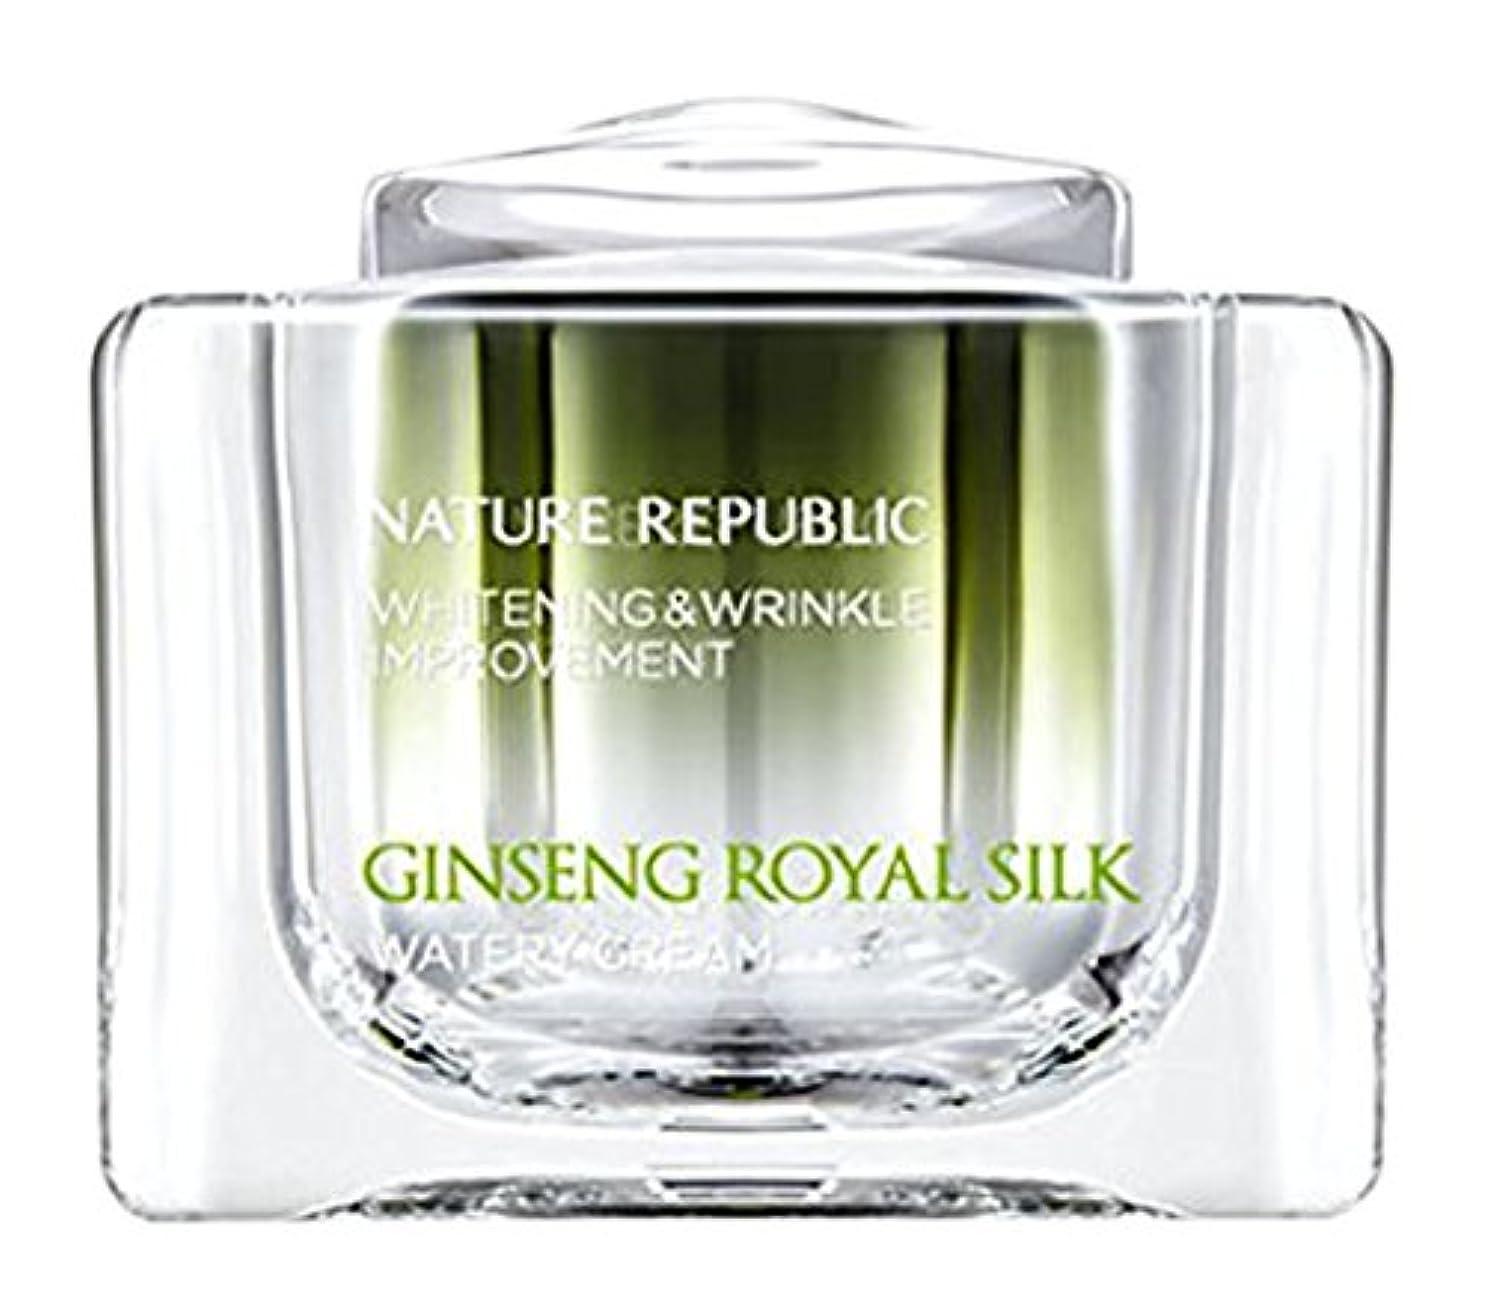 コショウ豆腐省Nature Republic (ネイチャーリパブリック) 正規輸入品 NATURE REPUBLIC(ネイチャーリパブリック) RY ウォータリークリームGI 60g NL8088